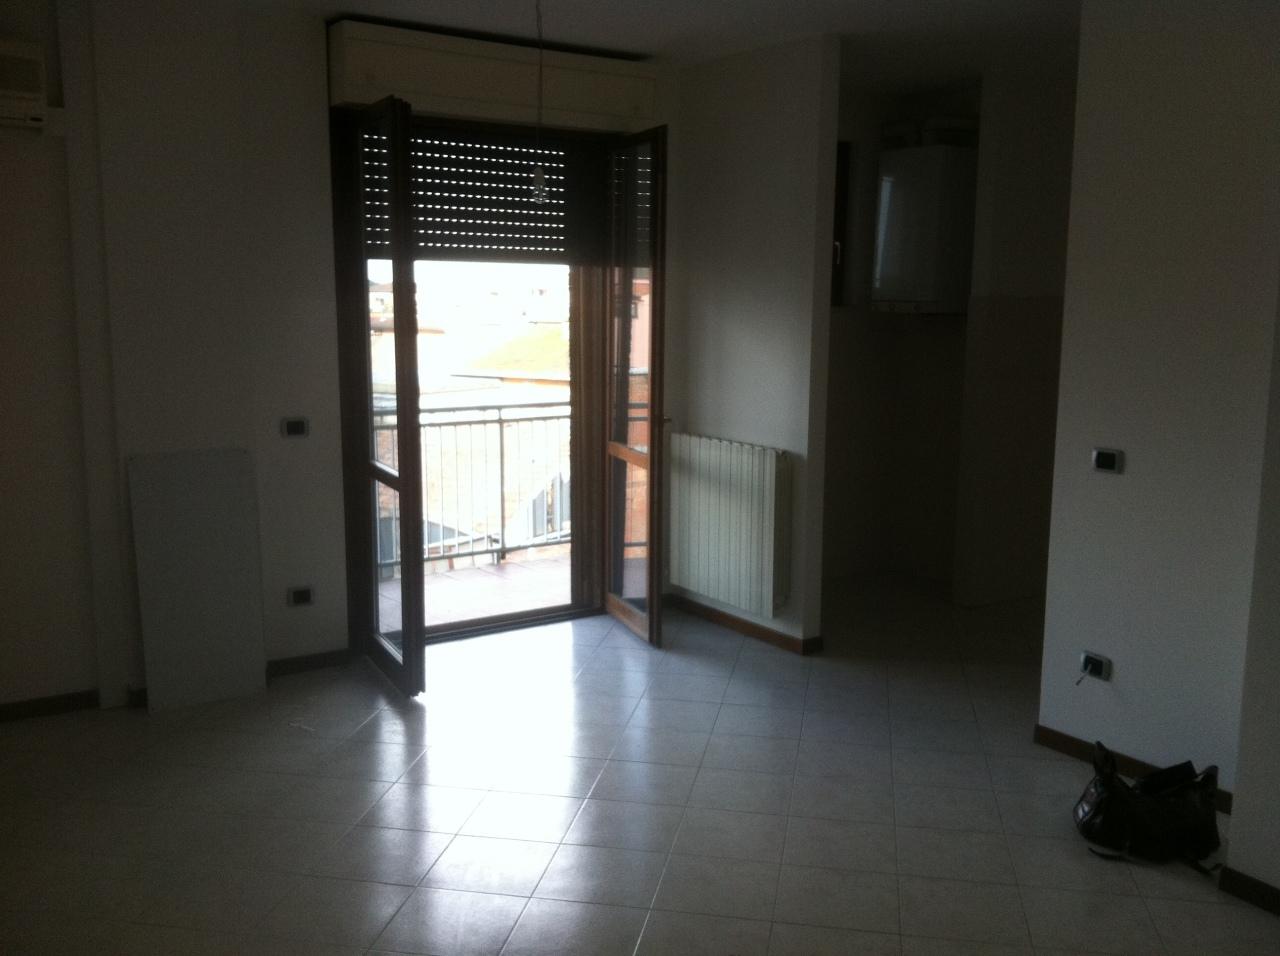 Attico / Mansarda in vendita a Ponsacco, 5 locali, prezzo € 150.000 | Cambio Casa.it